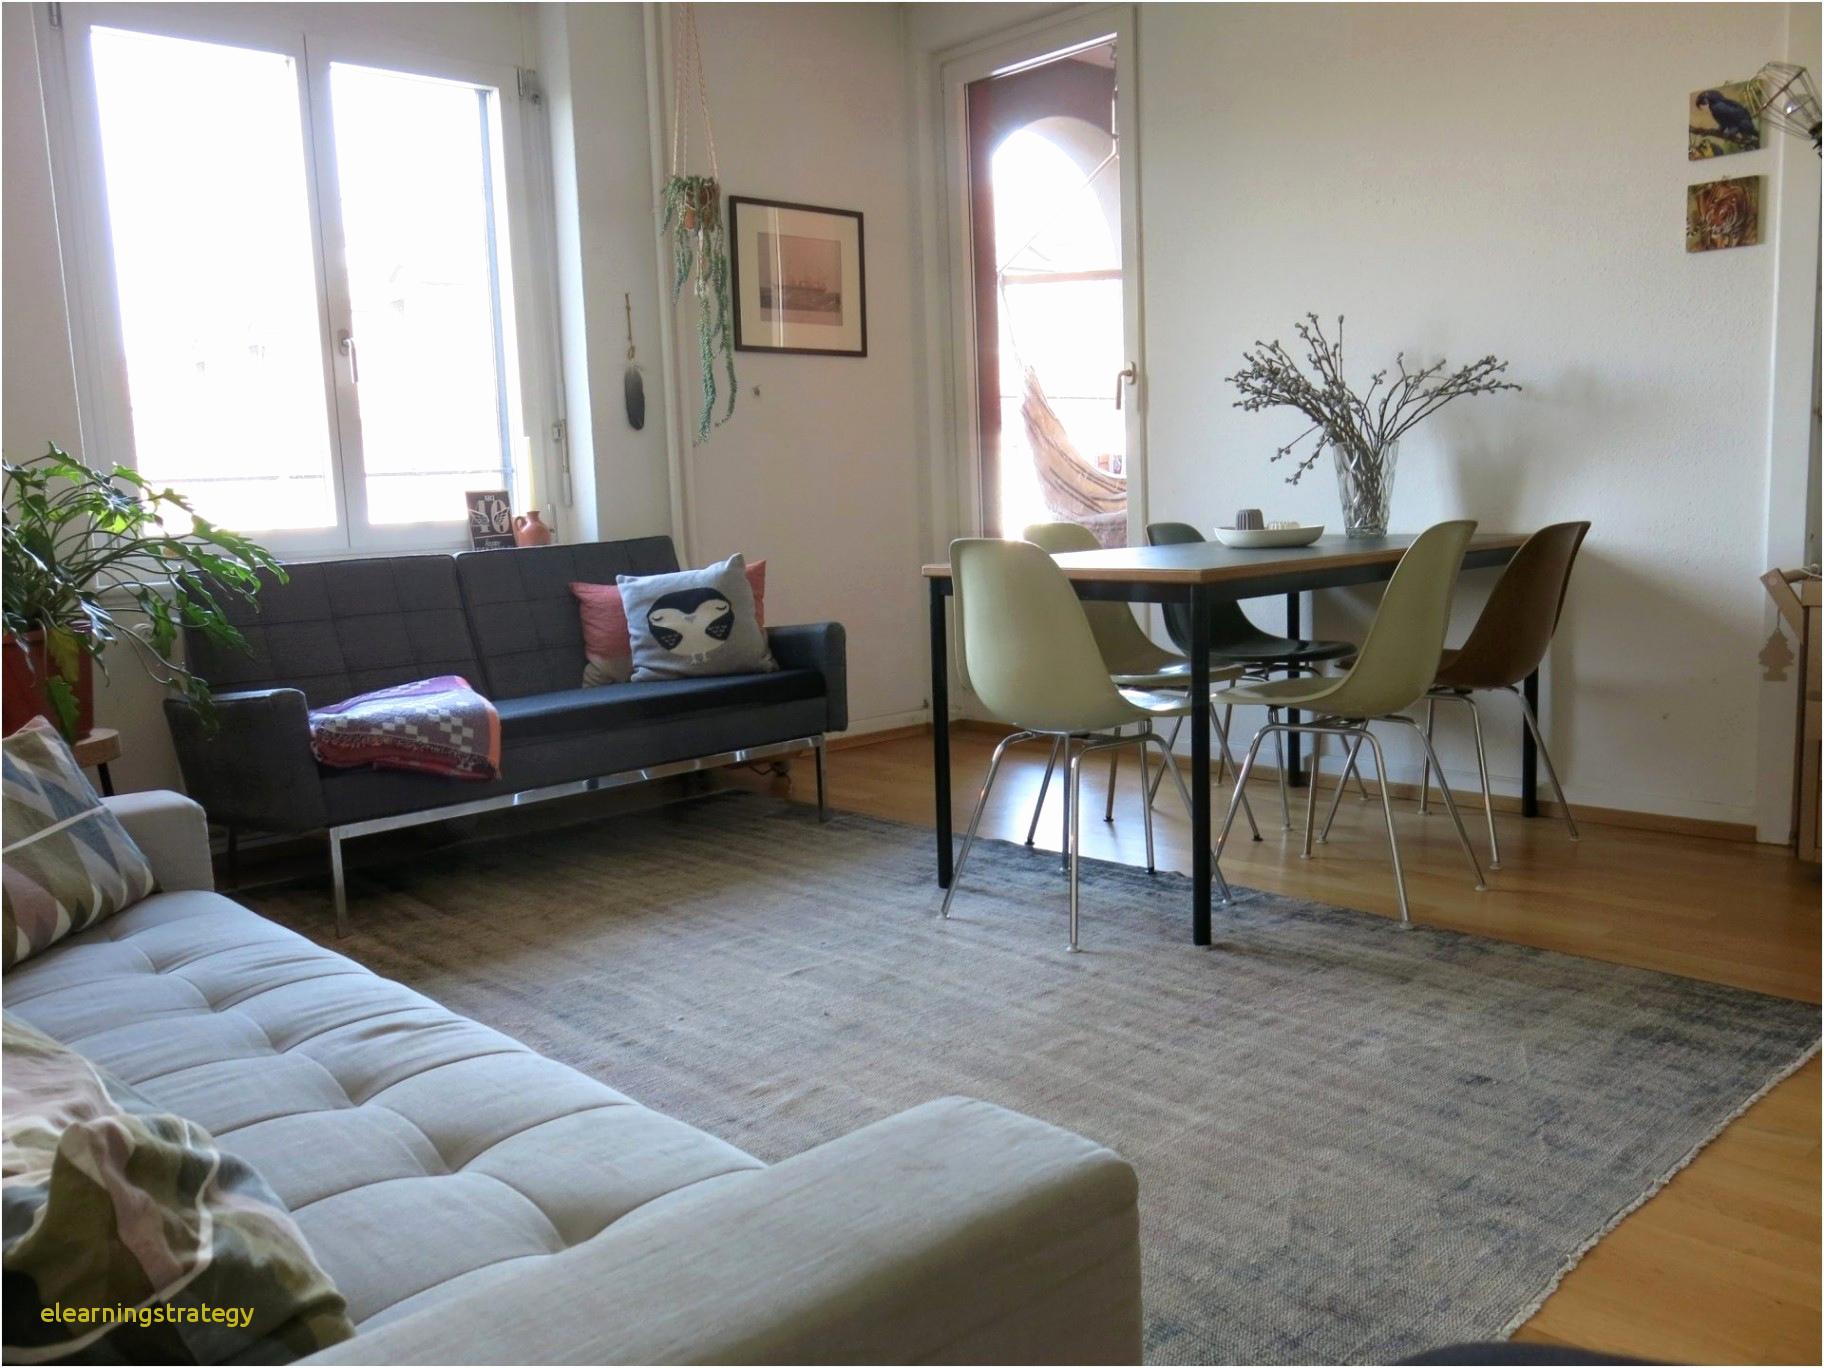 Full Size of Ikea Kleine Räume Inspirierend Den Edel Sofas Für Kleine Wohnzimmer überlegung ? Elearningstrategy Wohnzimmer Sofa Kleines Wohnzimmer